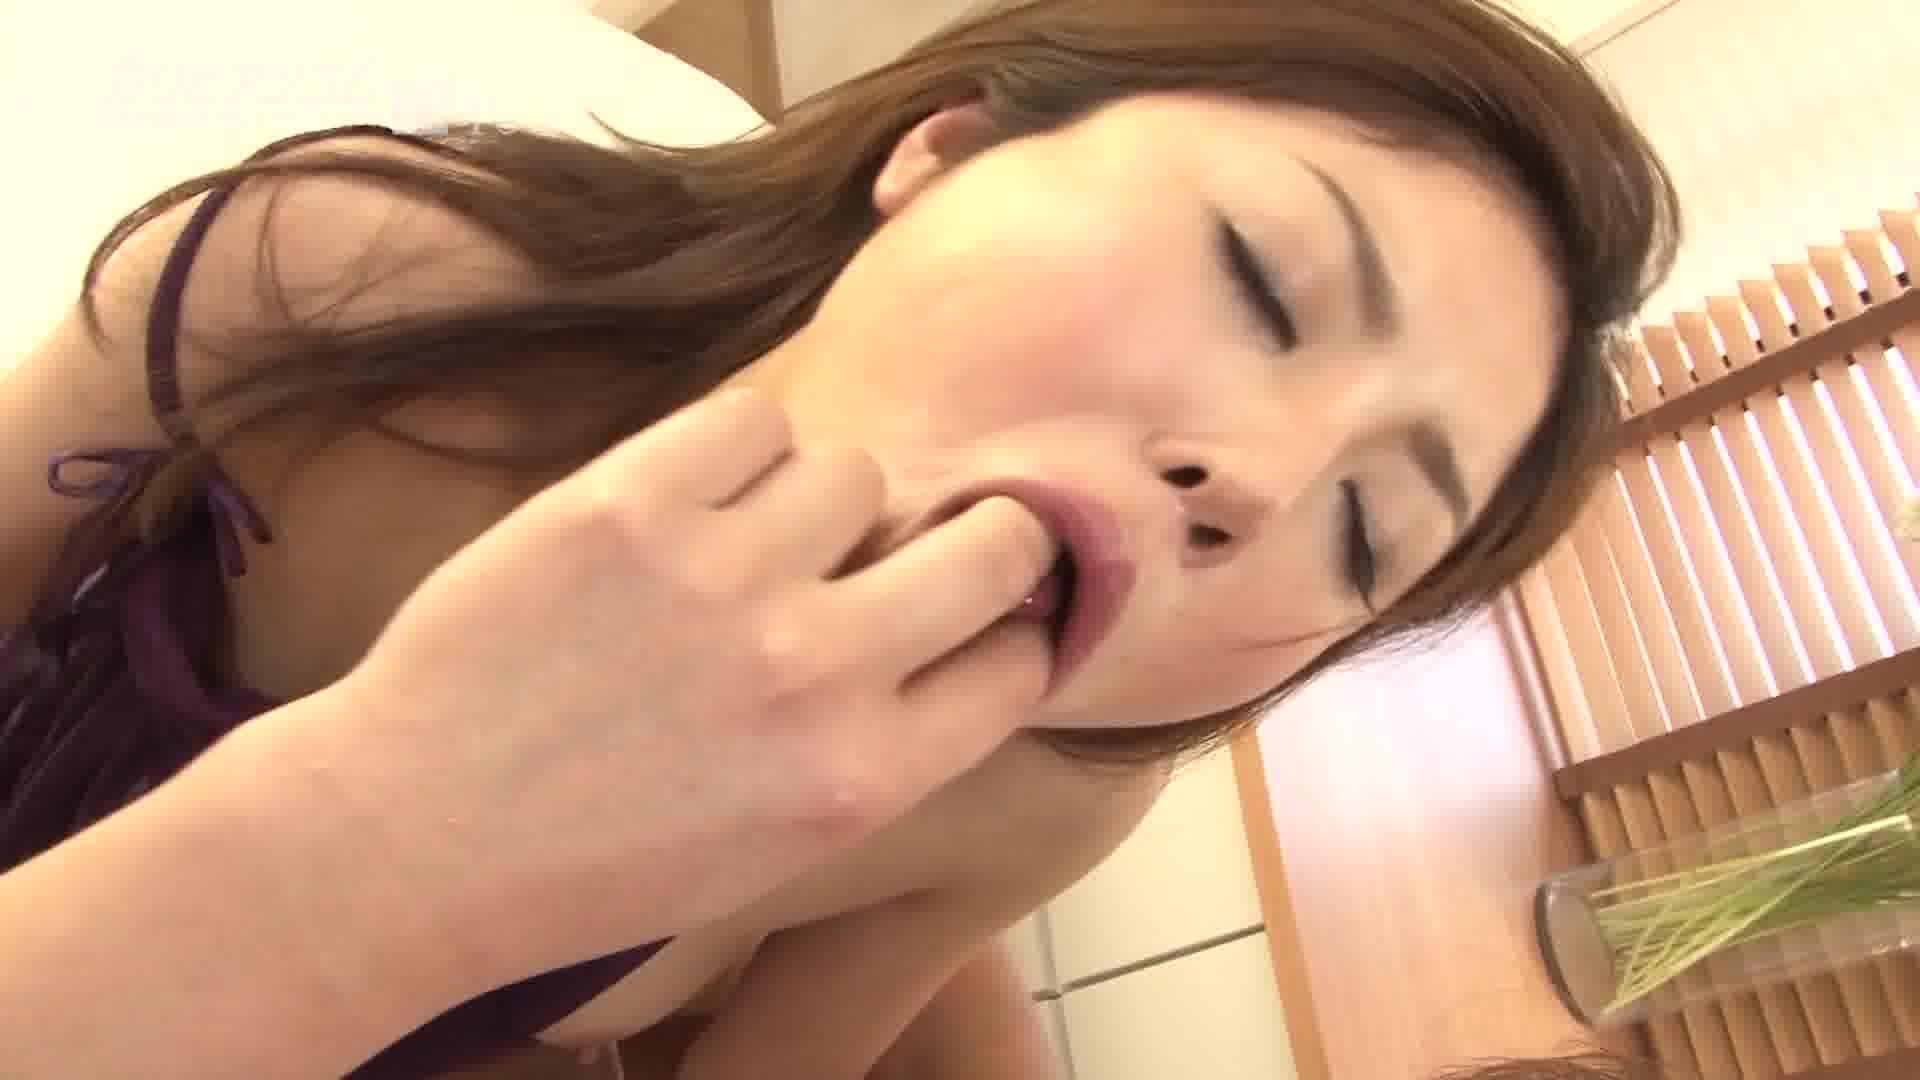 肉欲の美熟女 ~ザーメン受信編~ - 華咲真冬【痴女・オナニー・中出し】